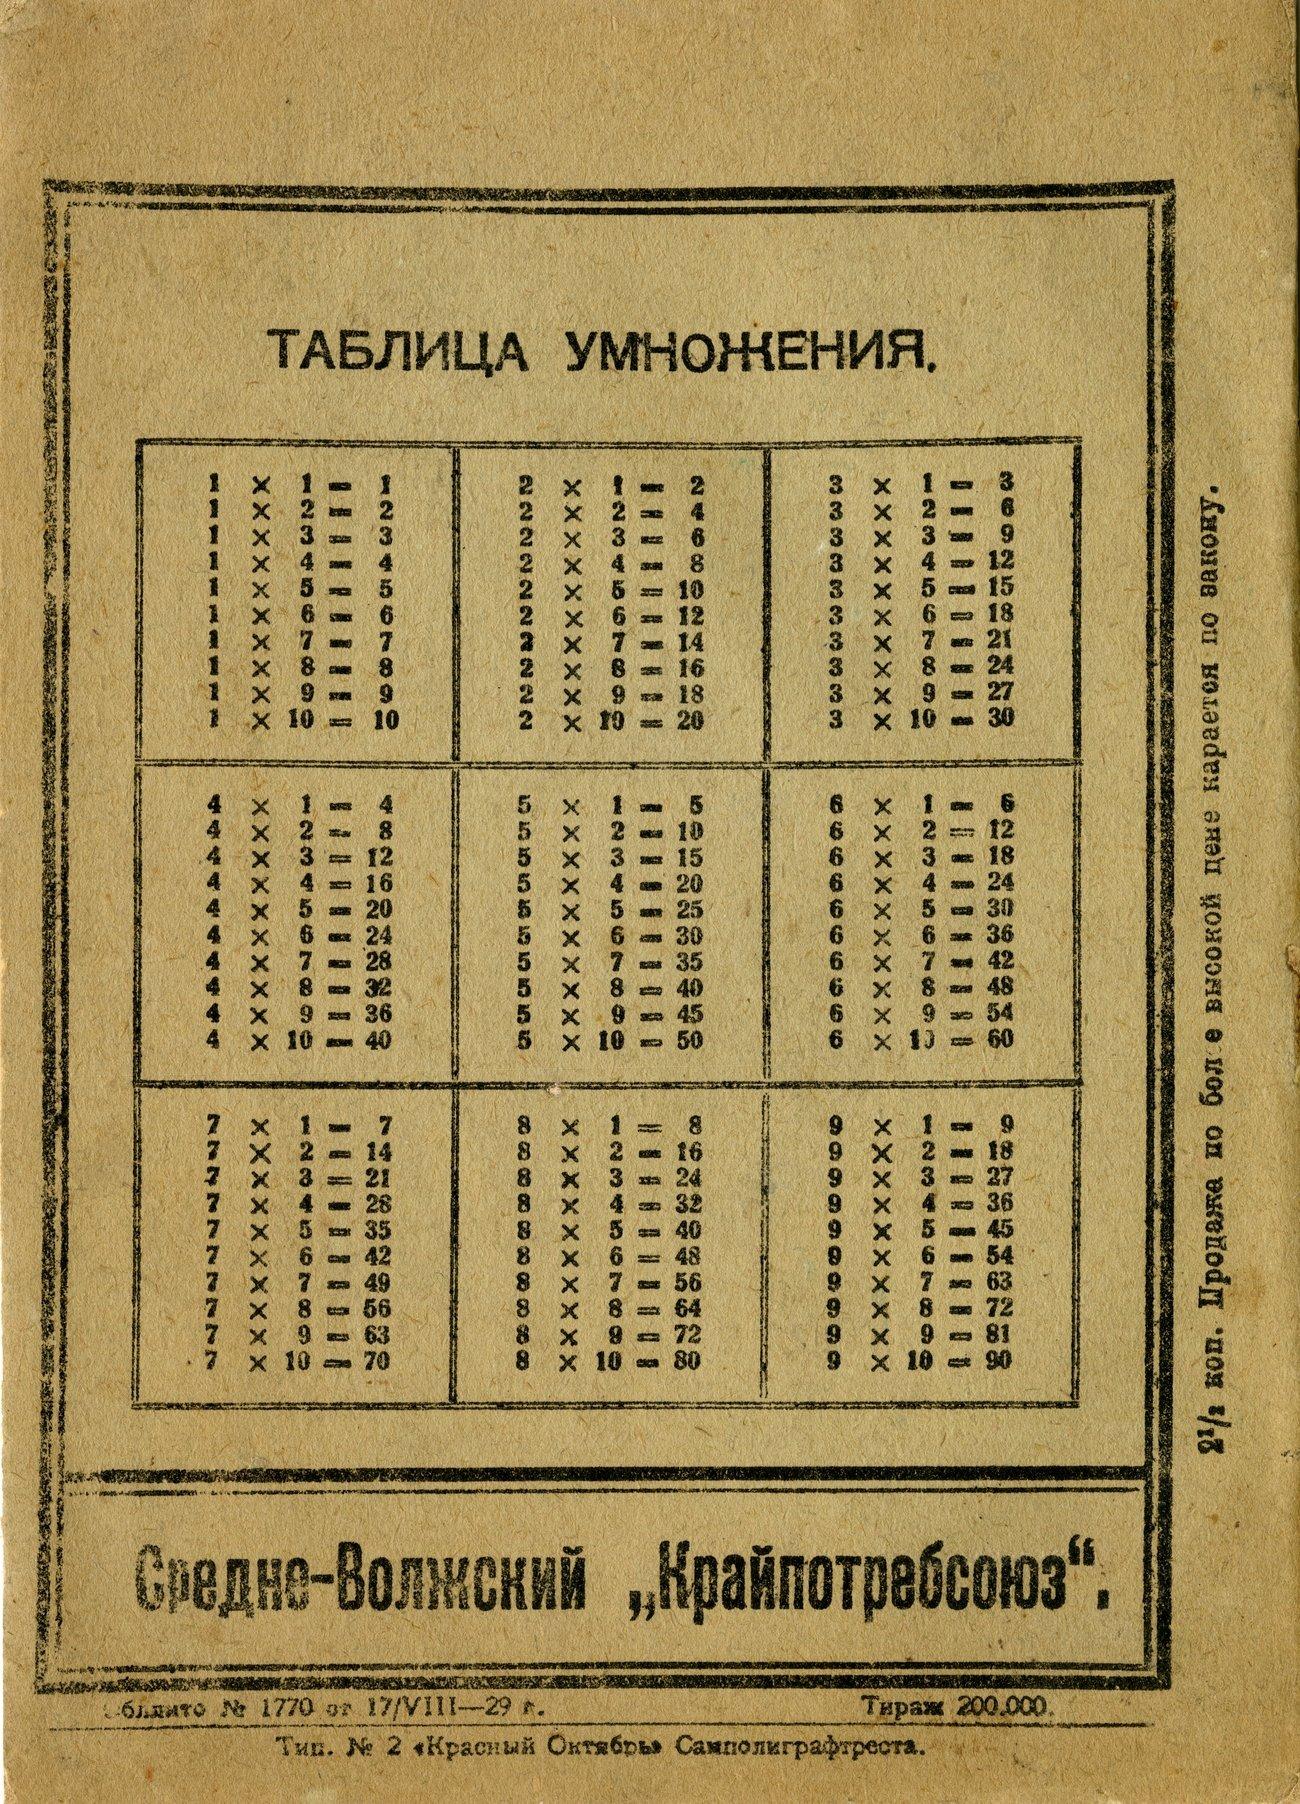 Тетрадь 1929 Средне-Волжский Крайпотребсоюз оборот